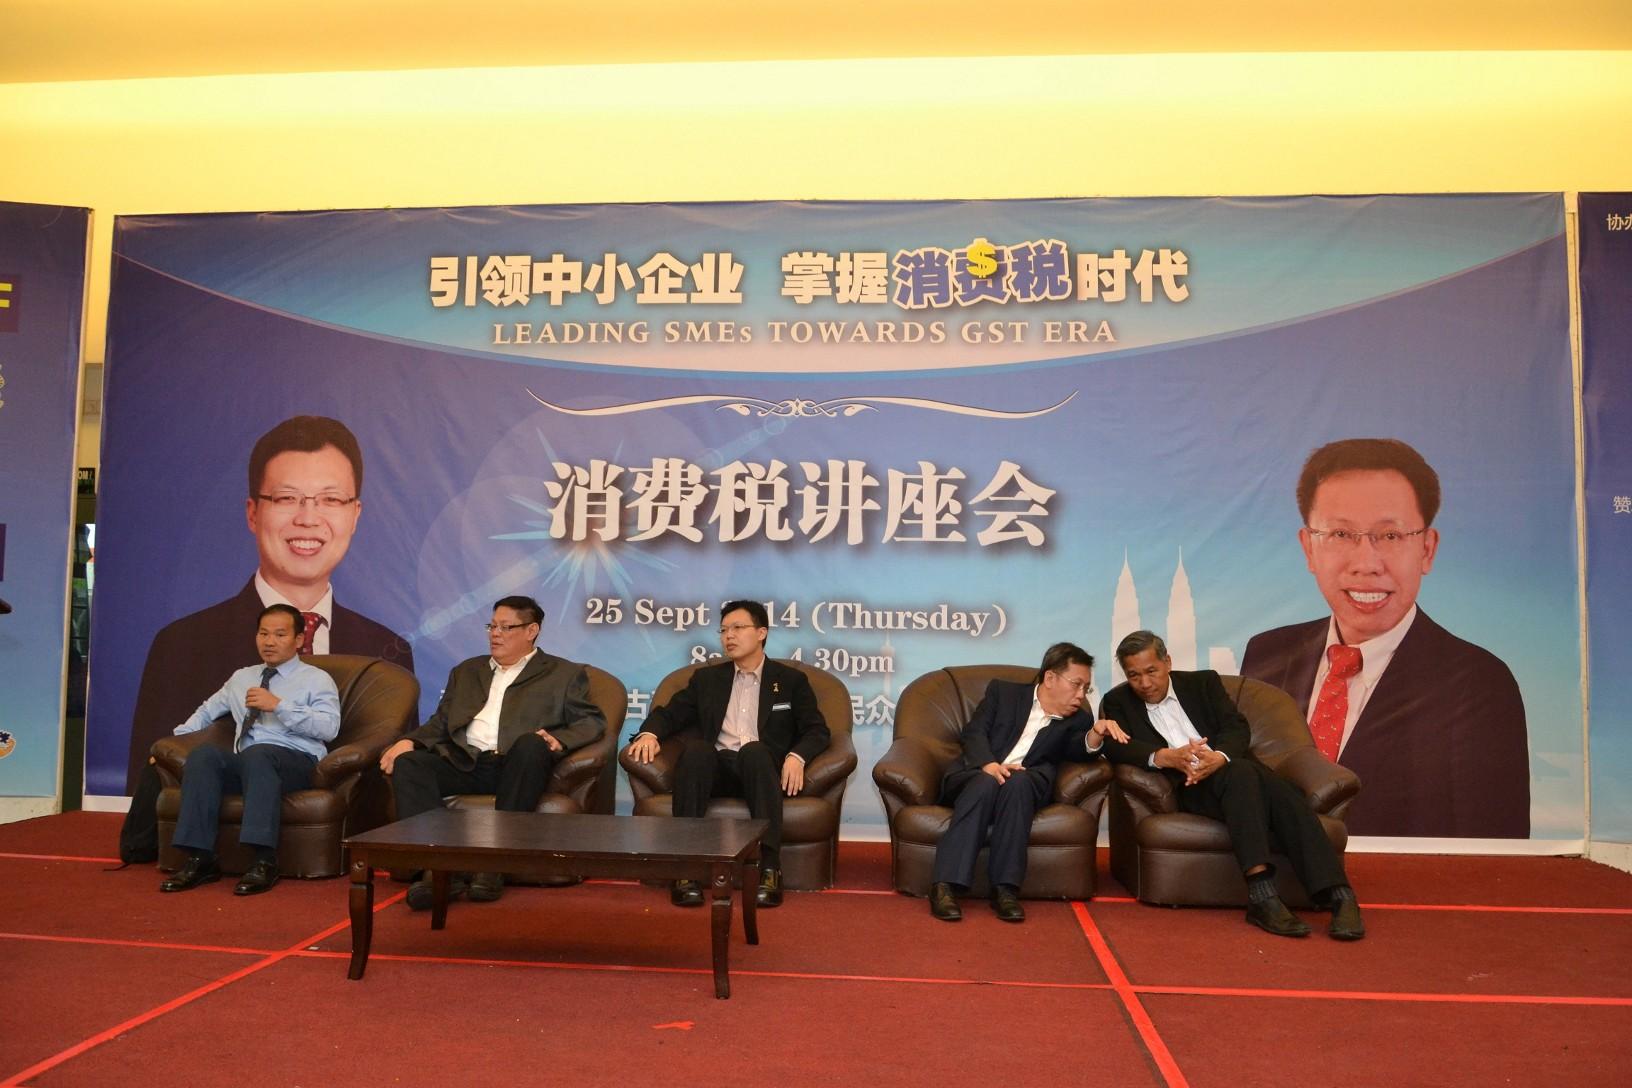 众嘉宾摄于说明会上,左起为关税局高级官员黄左介、马来西亚中小型工业公会砂拉越分会会长郭培基、副财政部长蔡智勇、砂人联党主席沈桂贤及马来西亚中小型工业公会署理会长江华强。